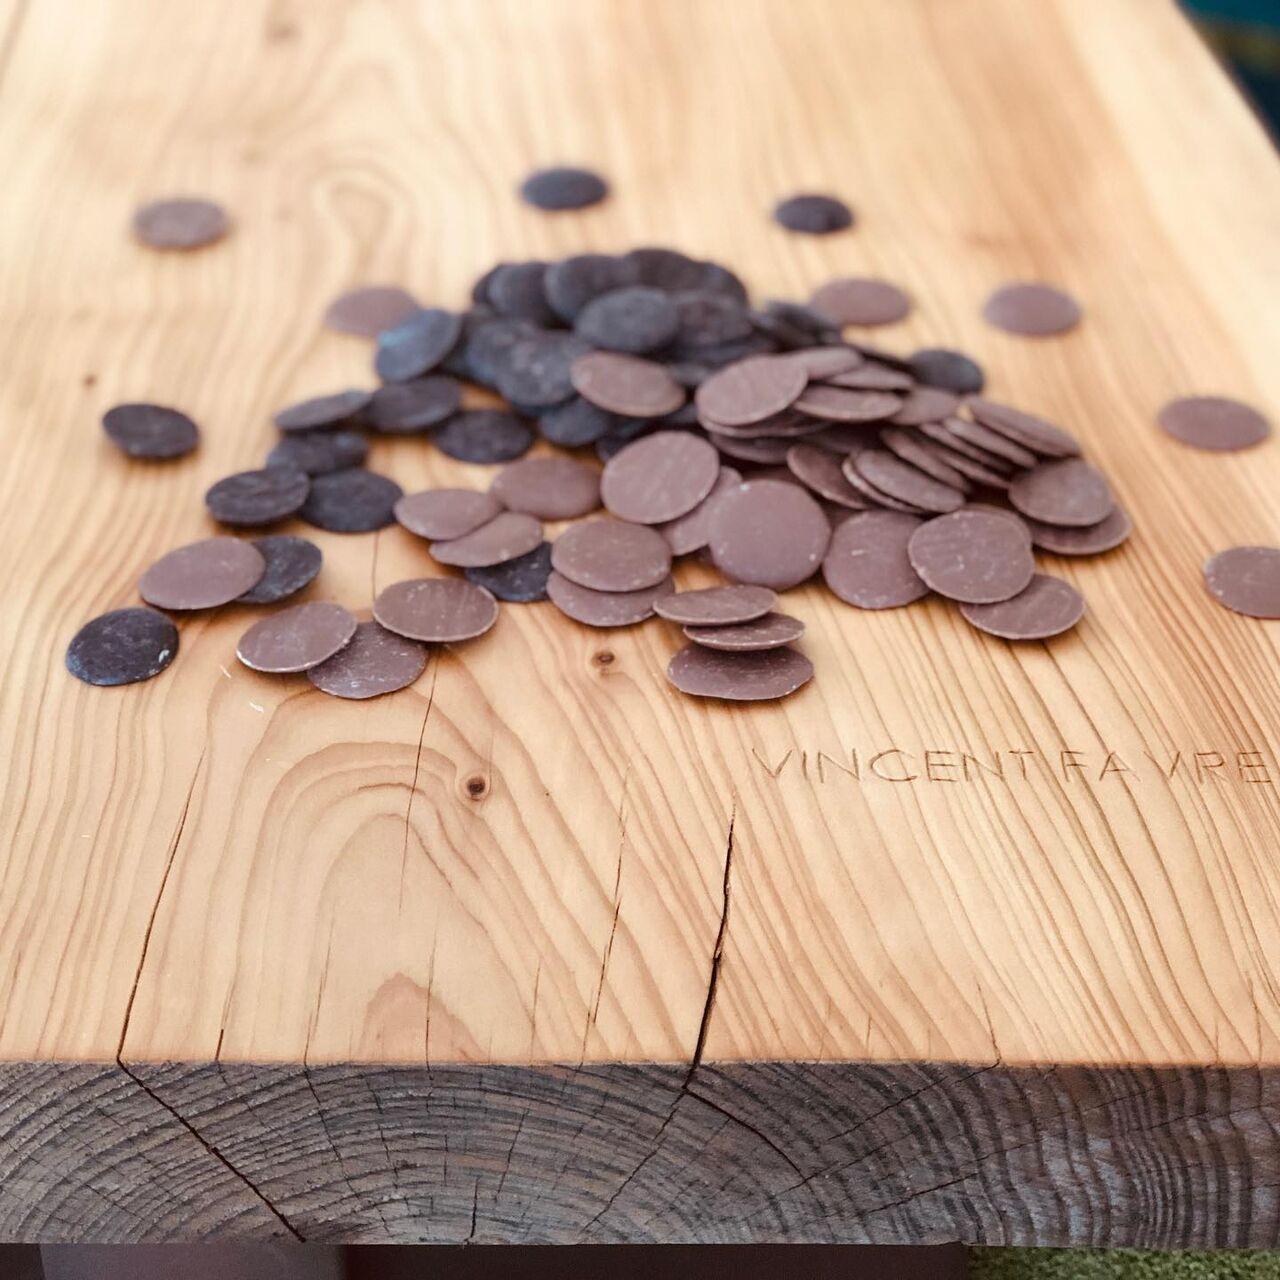 Chocolat provenant de chez COCOA VALLEY situé à Villaz